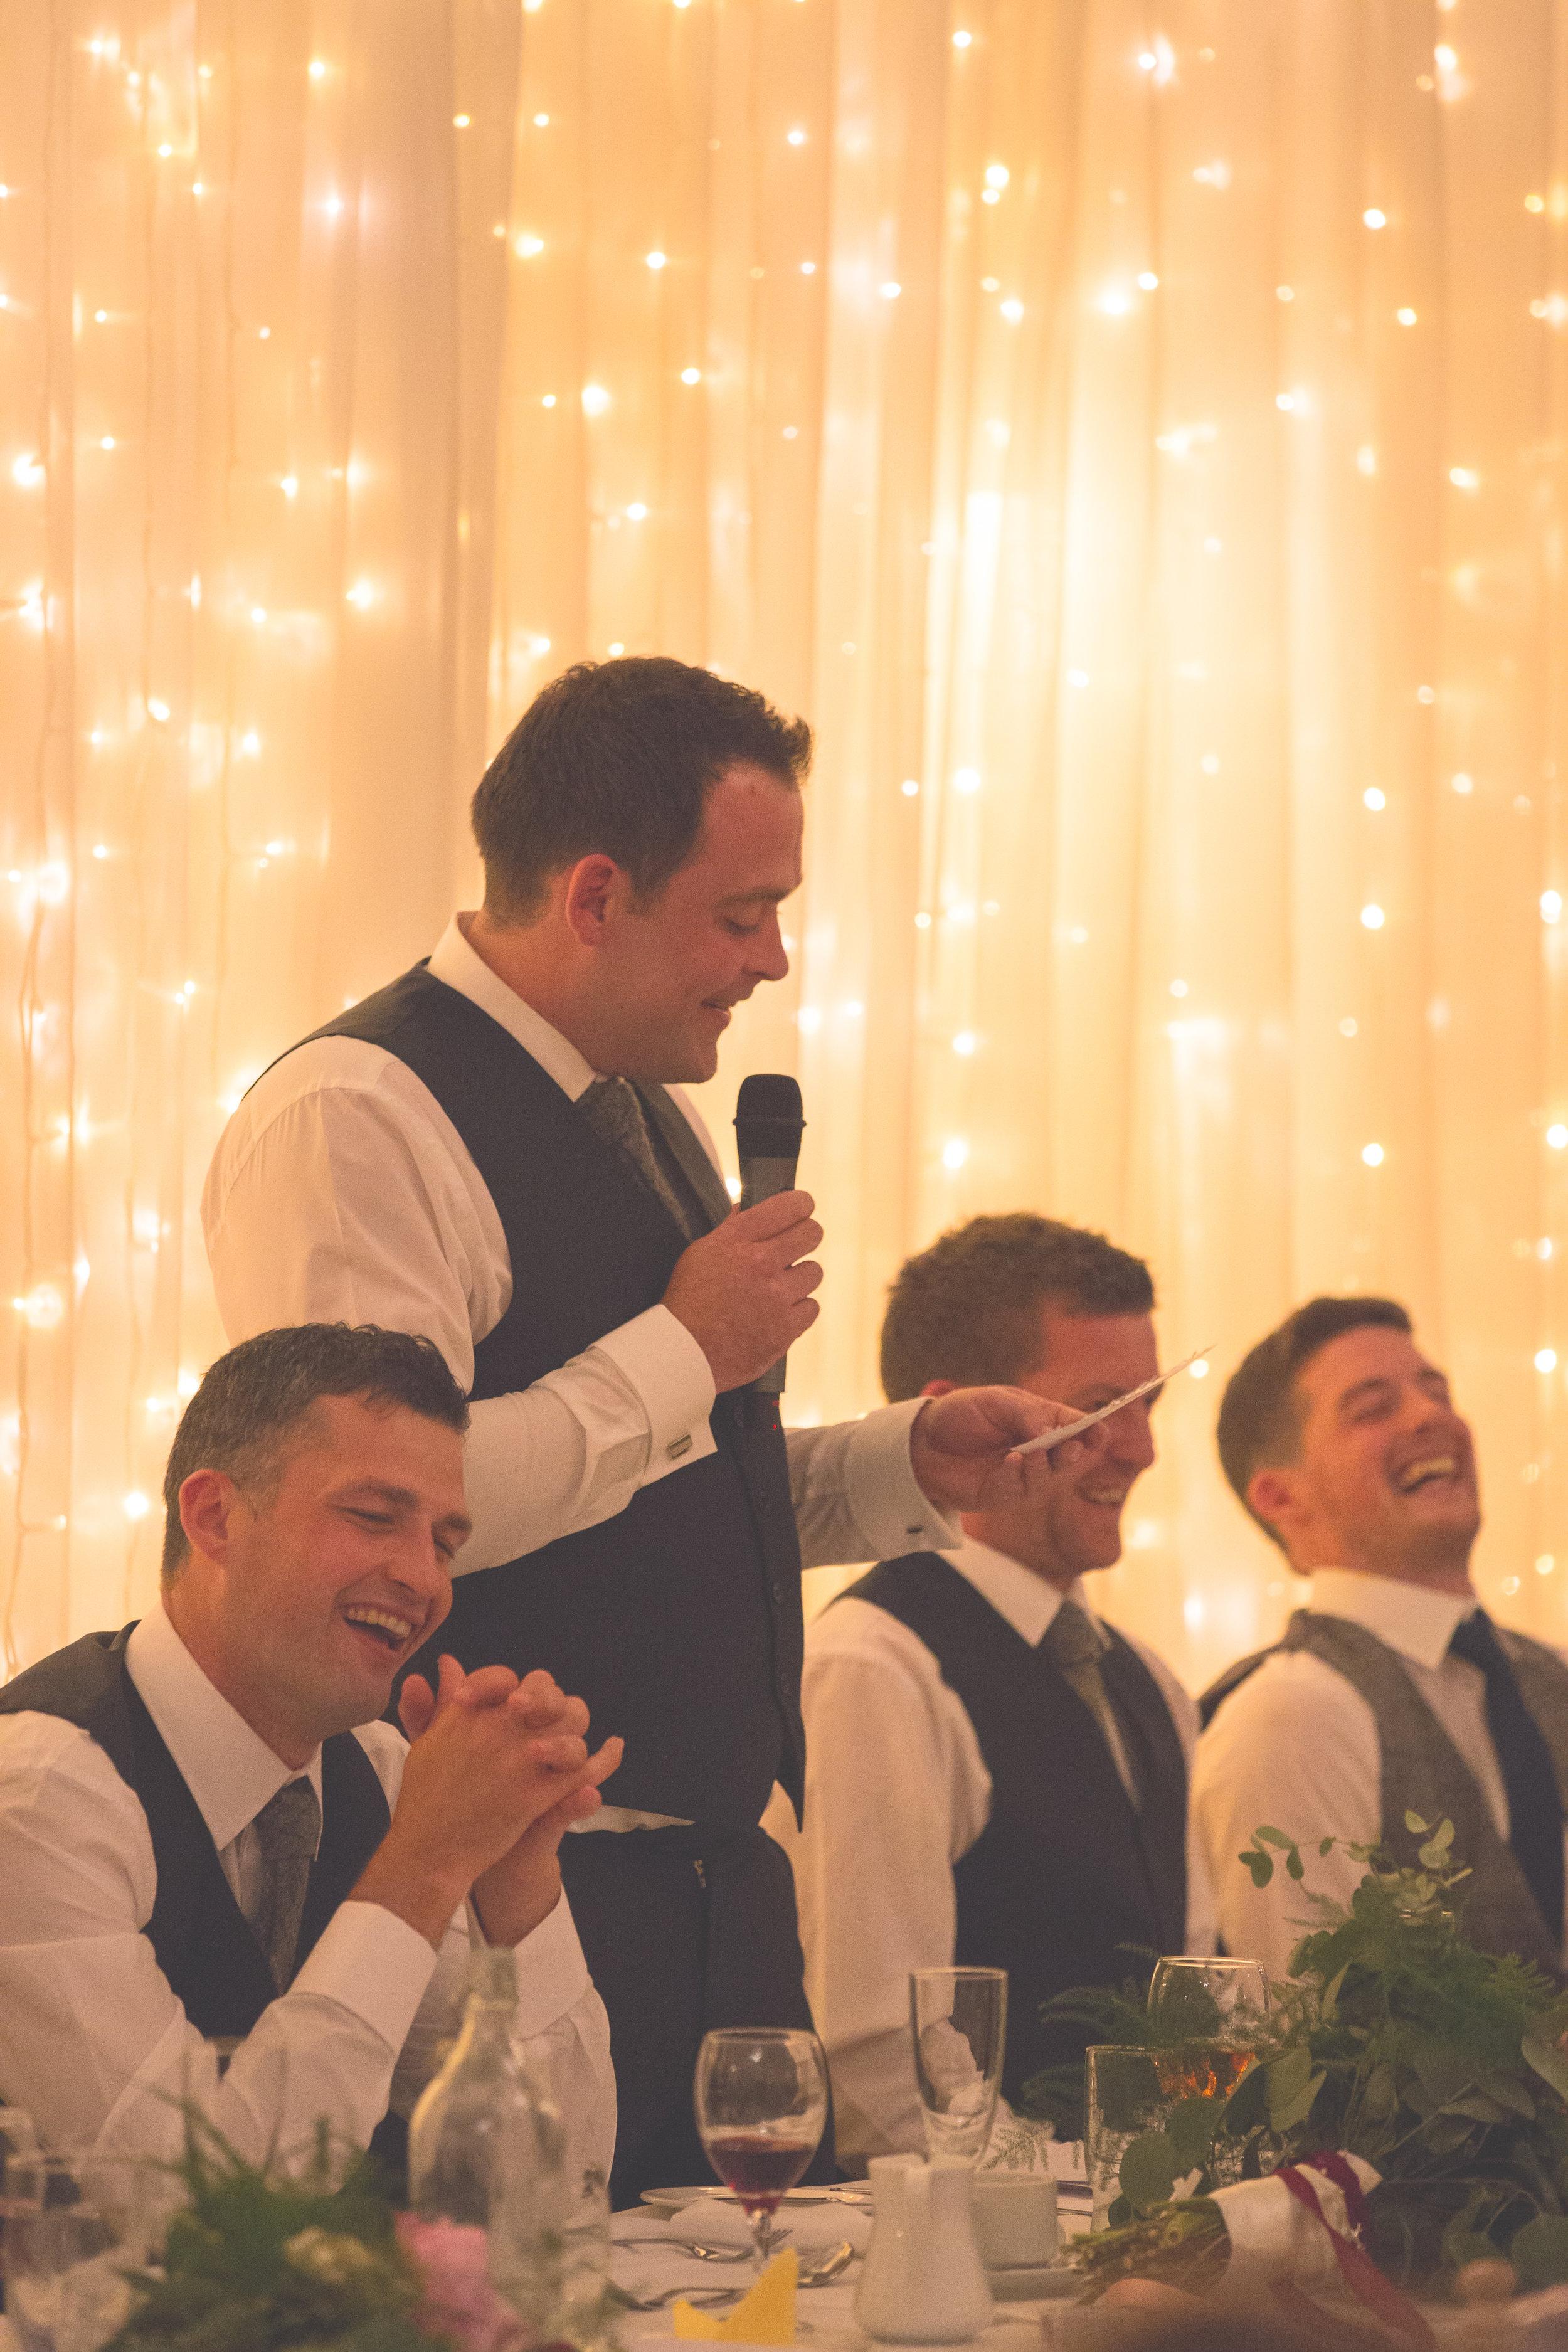 Brian McEwan Wedding Photography | Carol-Anne & Sean | The Speeches-100.jpg